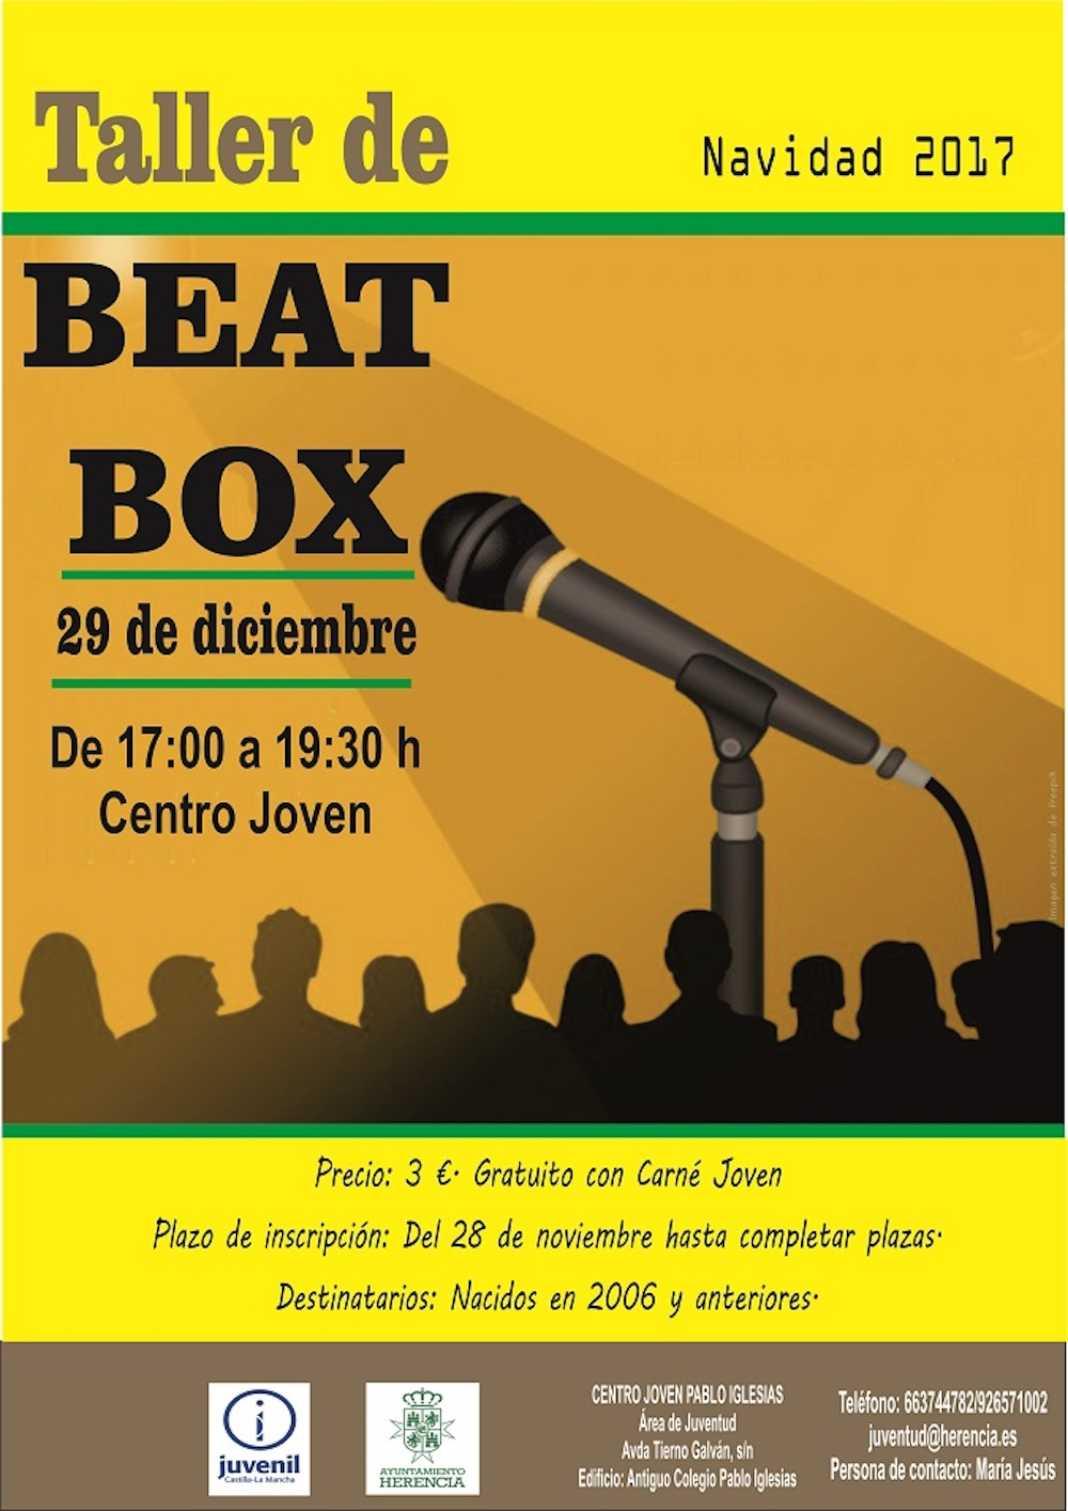 taller BeatBox 1068x1511 - Aprende una nueva modalidad musical con el Taller de BeatBox